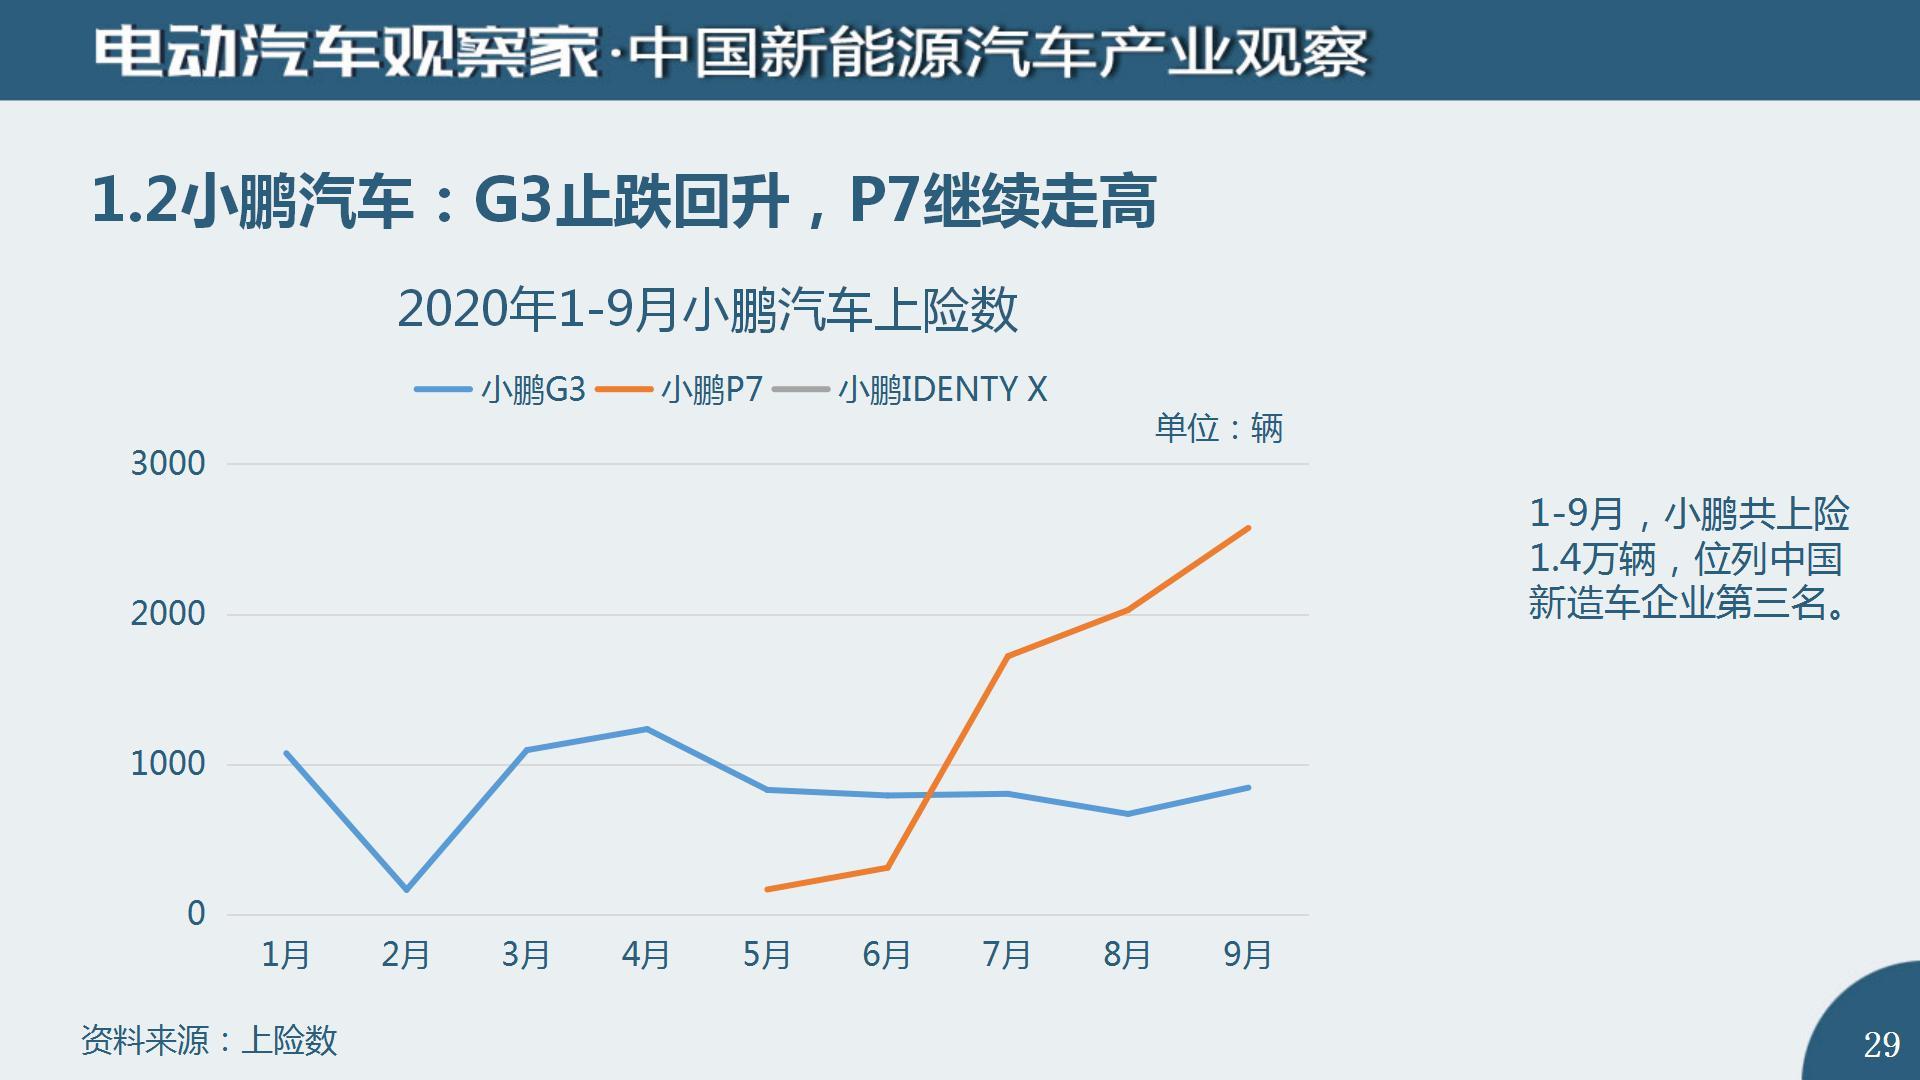 中国新能源汽车产业观察2020年9月(2)_29